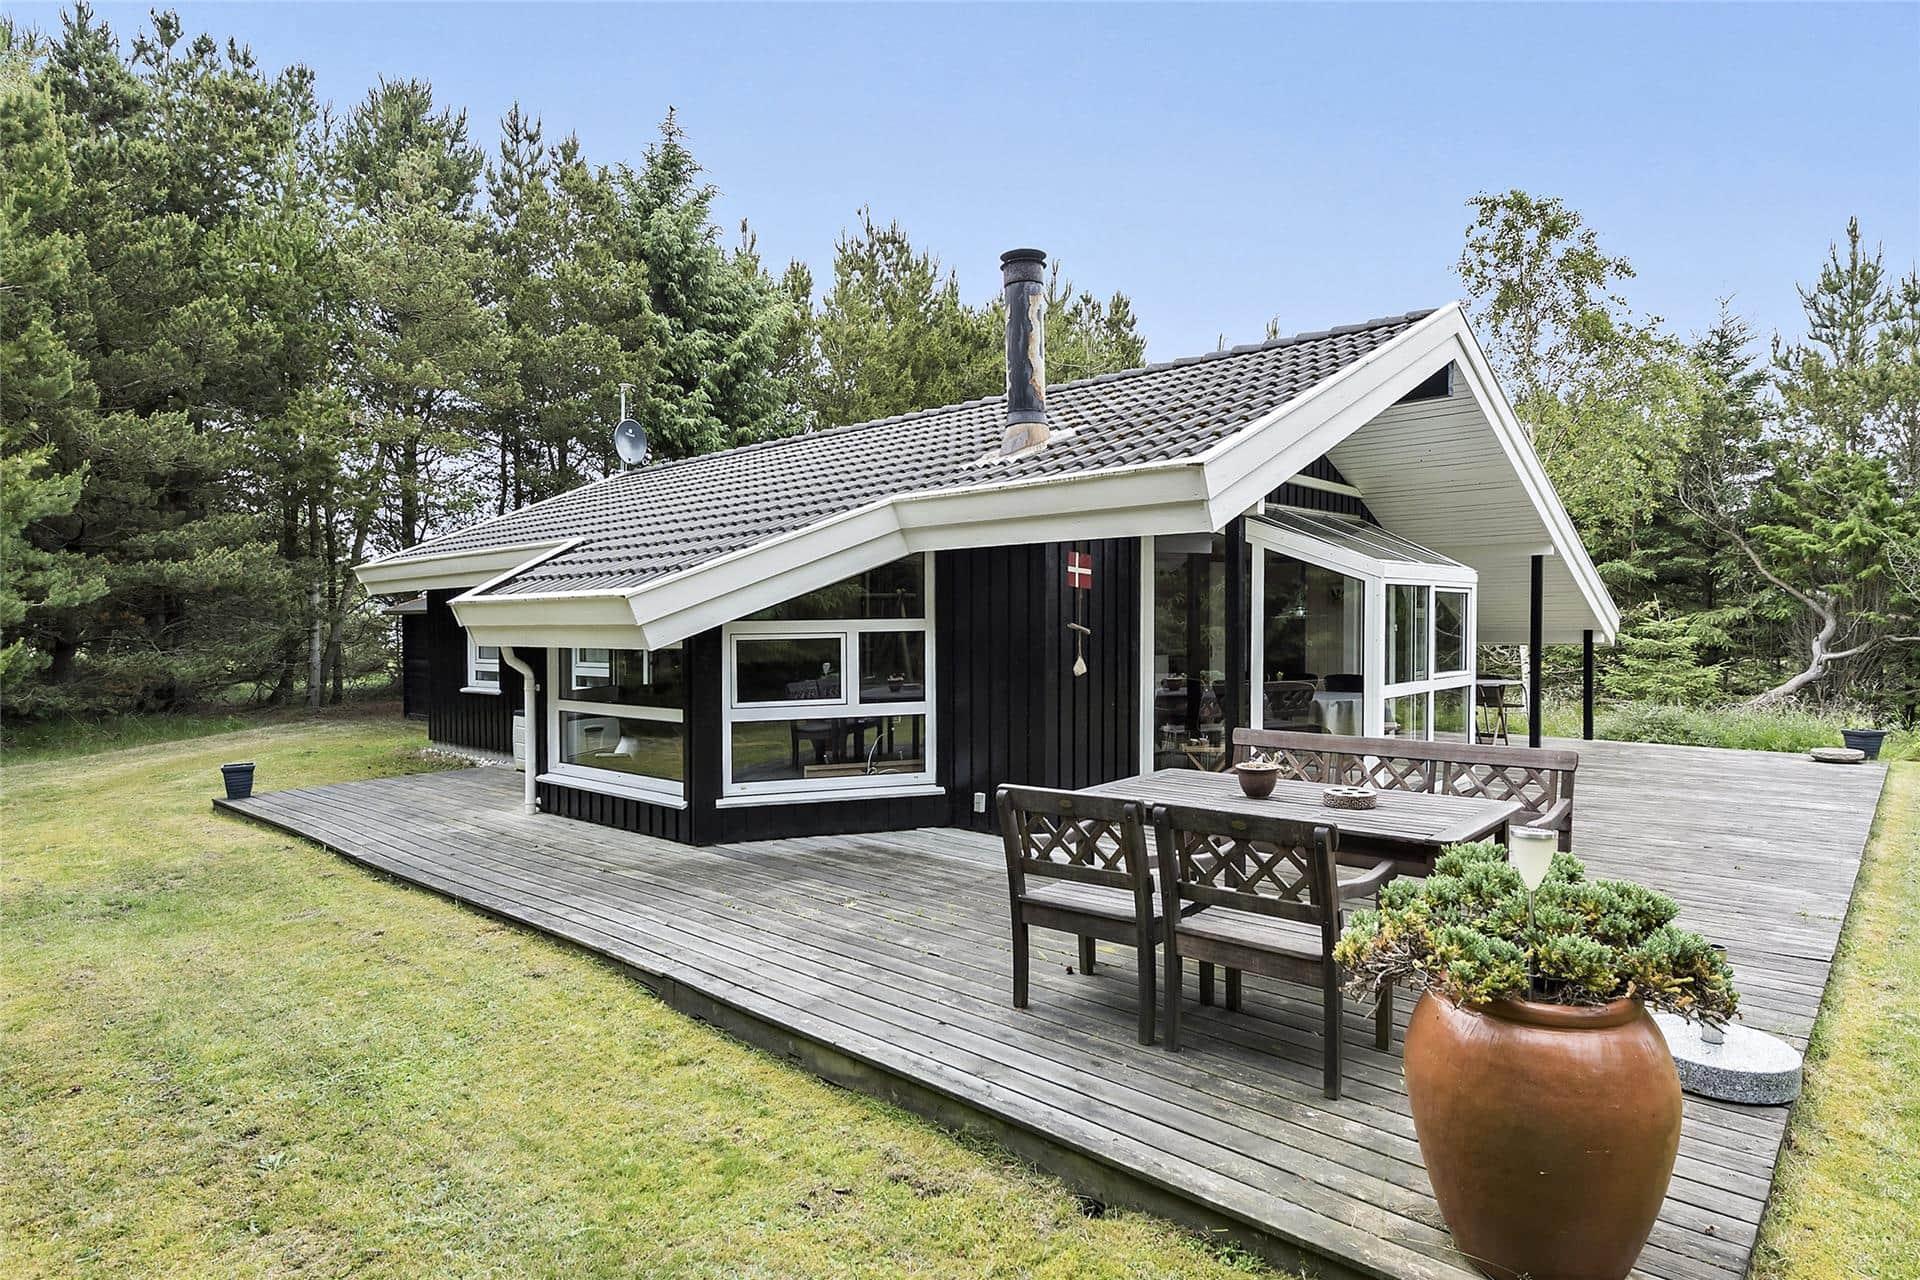 Billede 1-14 Sommerhus 1186, Morten Nielsensvej 84, DK - 9492 Blokhus